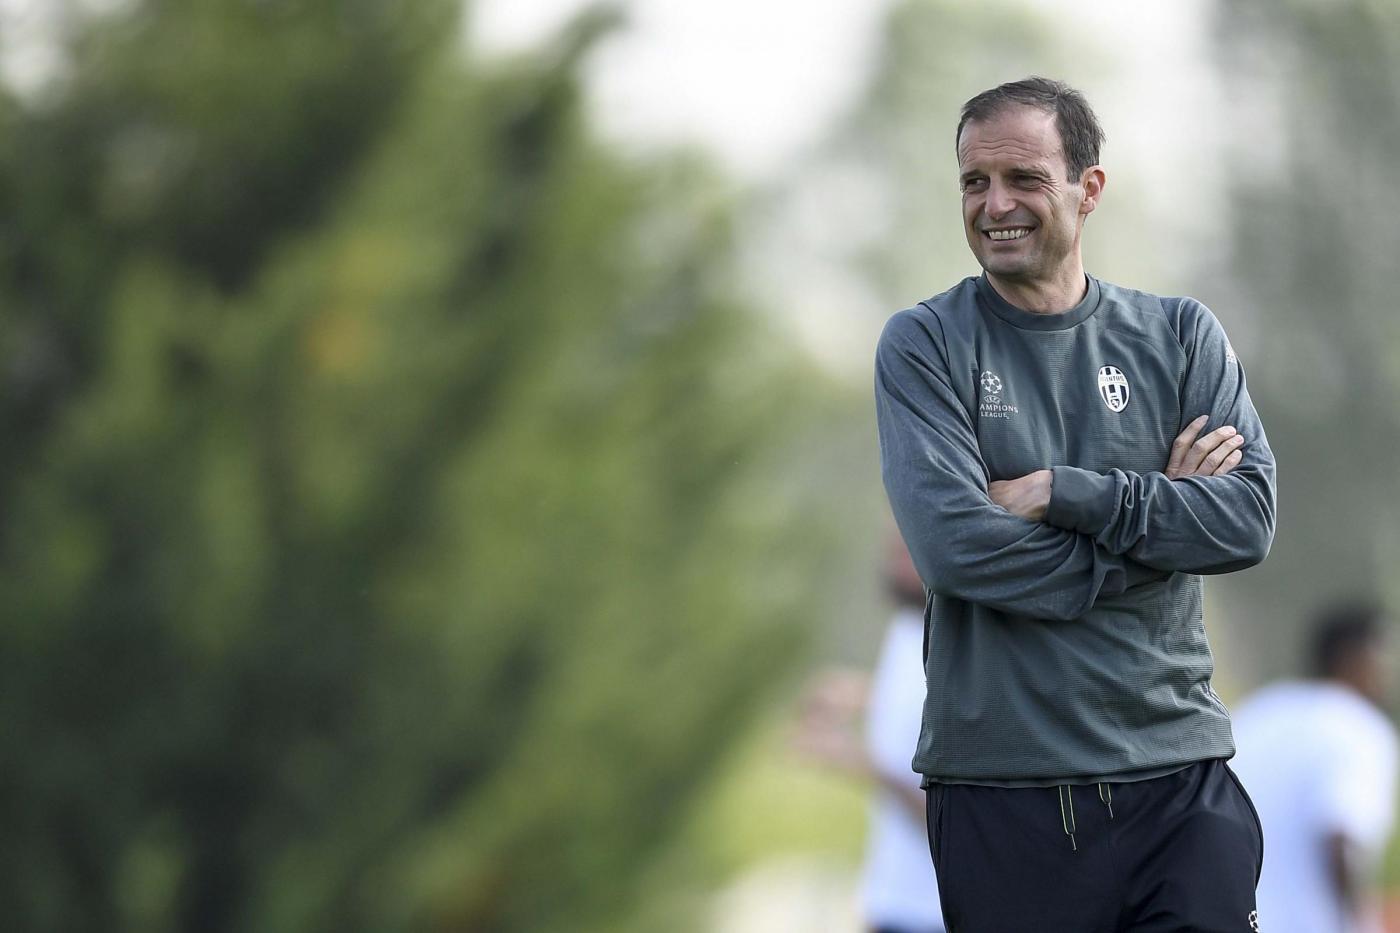 Kuipers, l'arbitro milionario che non punì il primo morso di Suarez